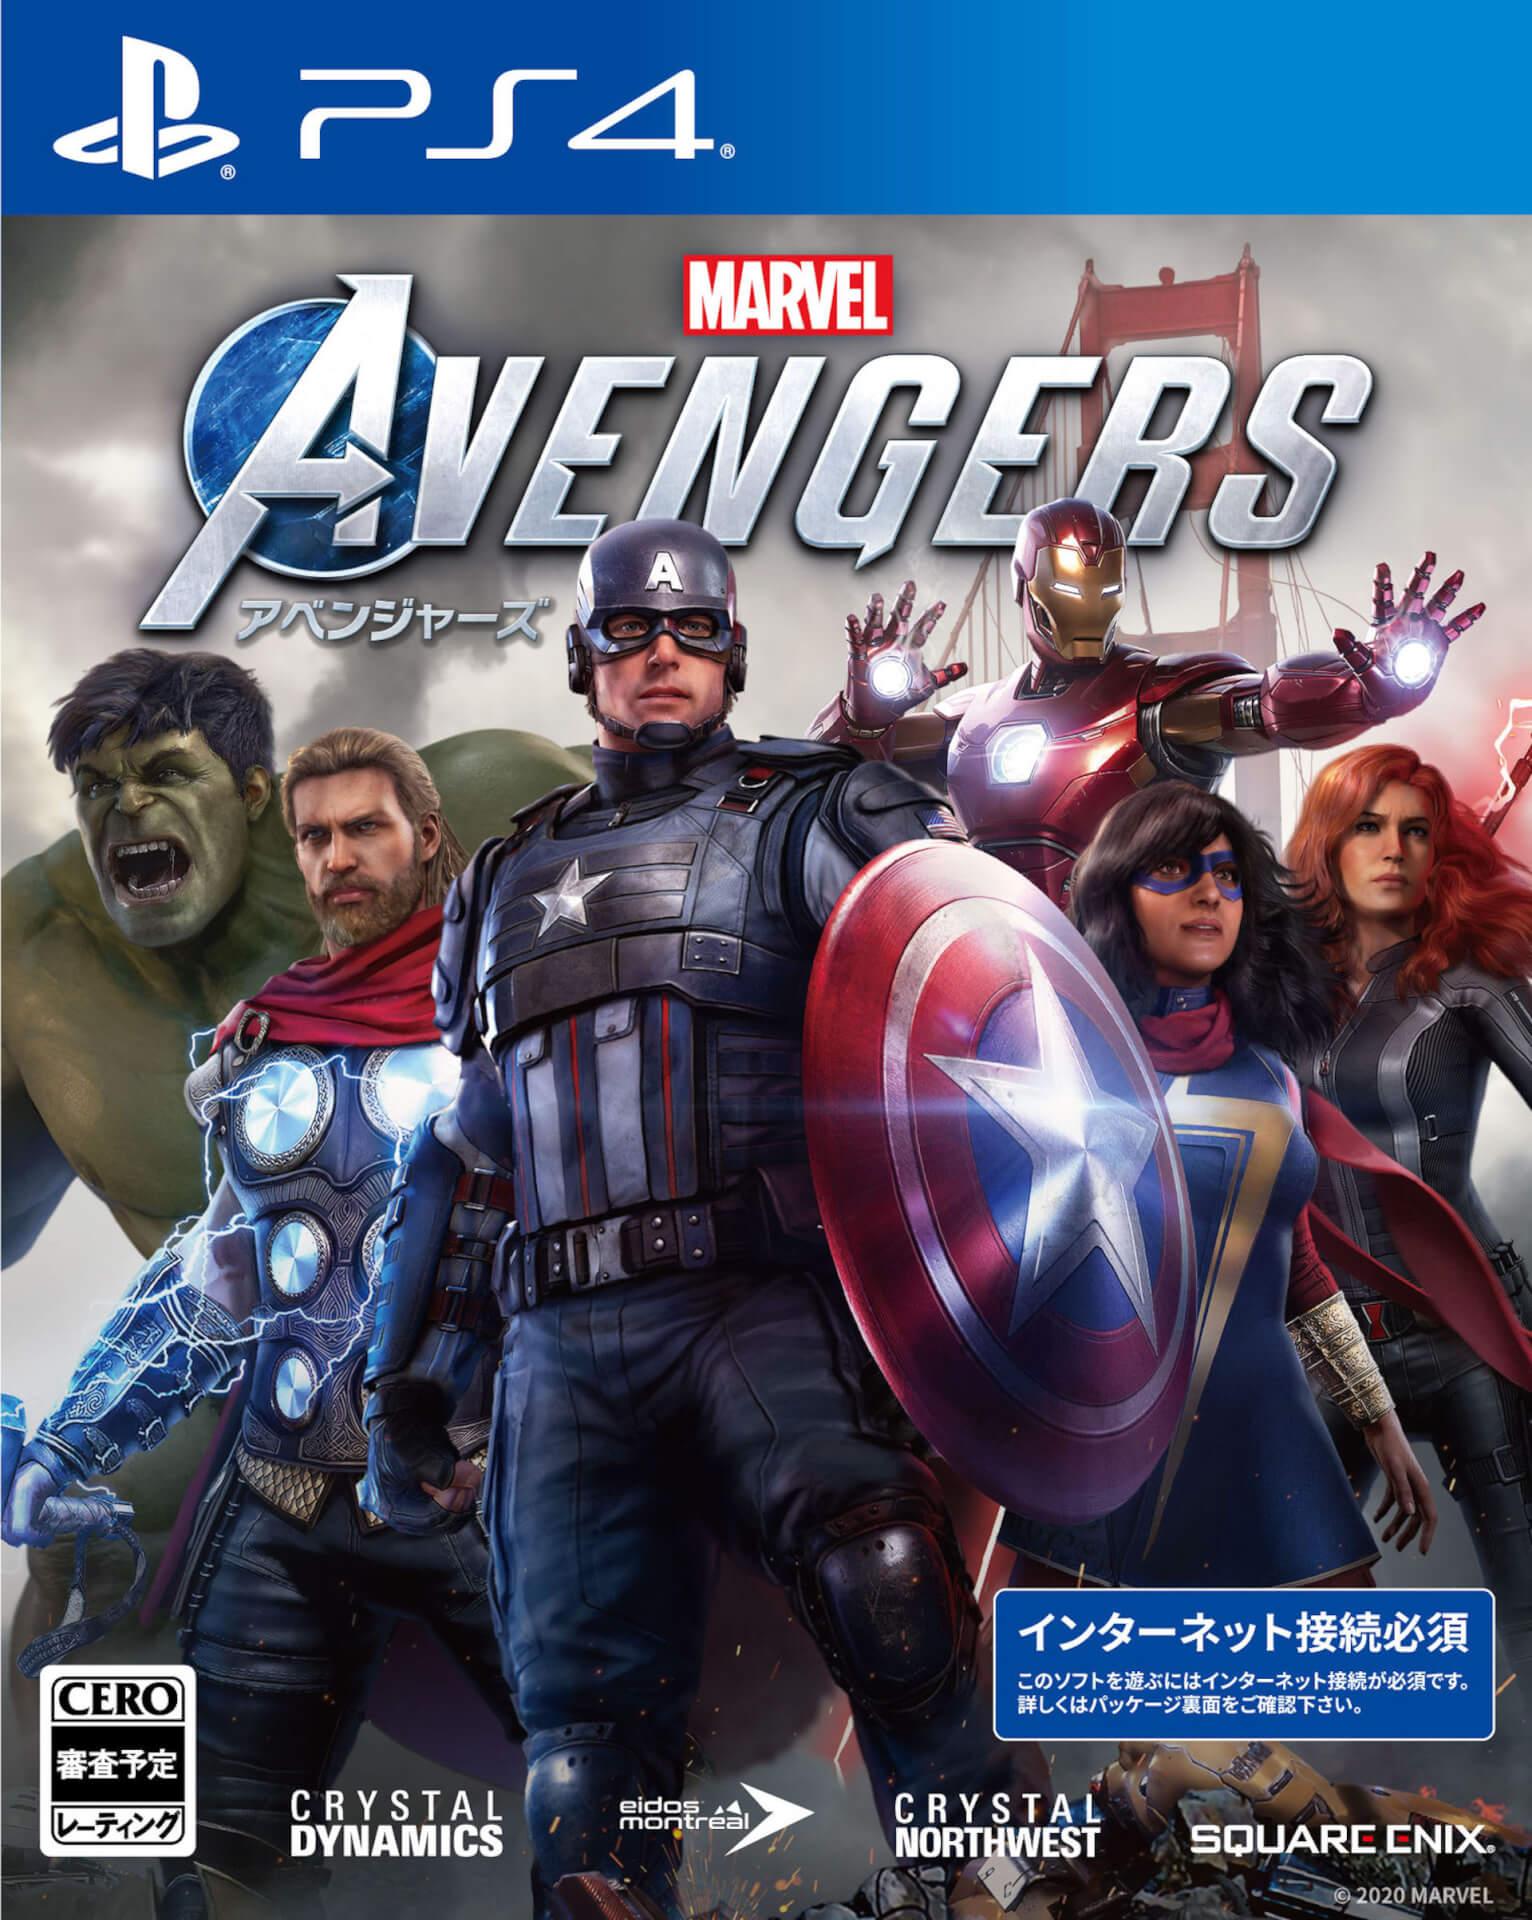 アベンジャーズ、ゲームでアッセンブル!『Marvel's Avengers』がついに予約受付開始&最新トレーラーも解禁 tech200417_avengers_game_18